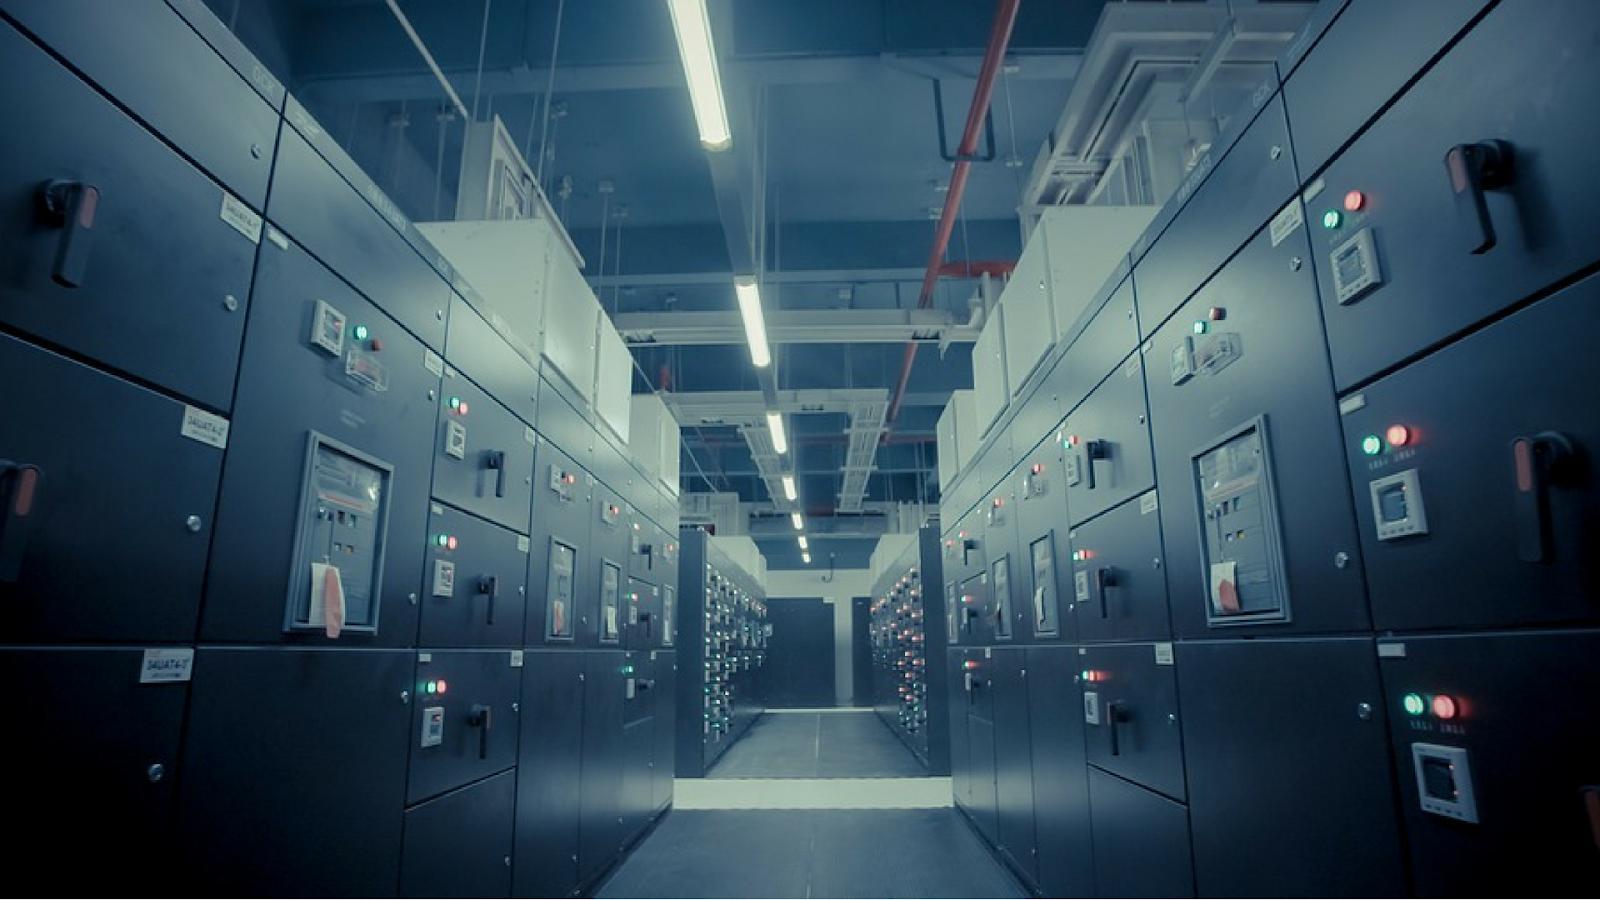 Tecnología de la información (TI) y centros de datos